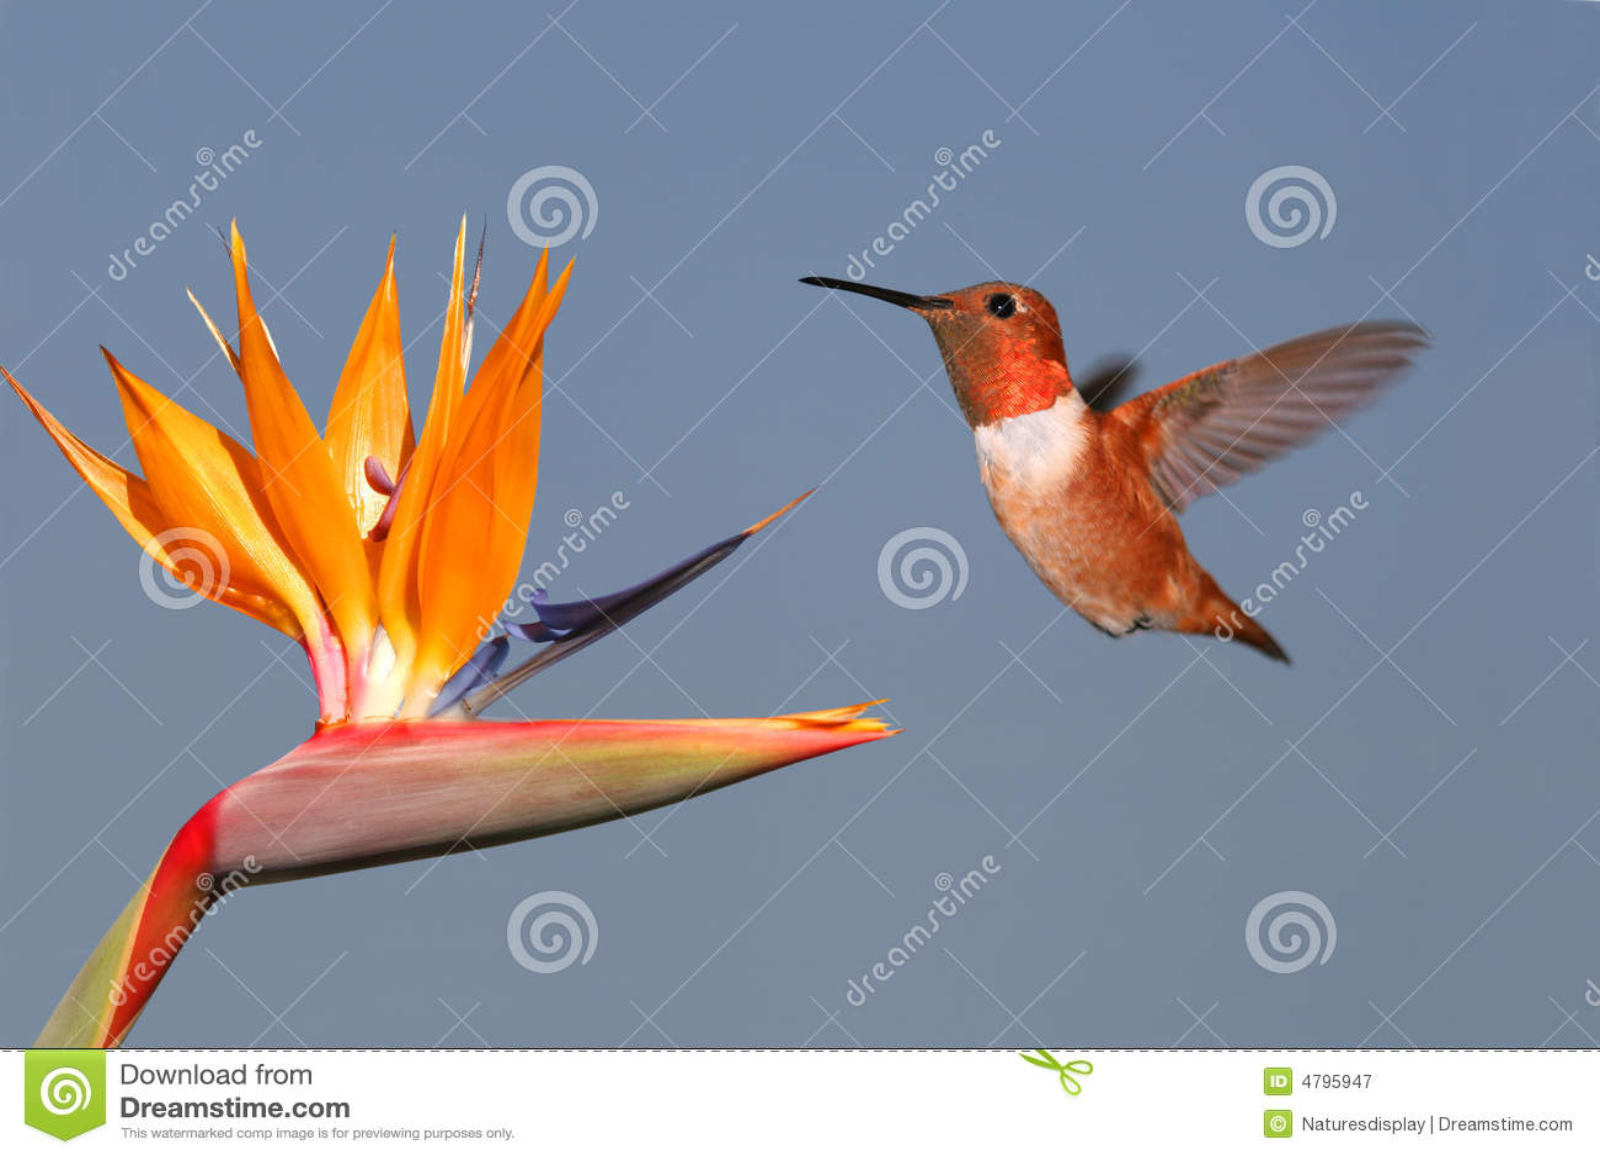 colibri et oiseau du paradis rufous photographie stock libre de droits image 4795947. Black Bedroom Furniture Sets. Home Design Ideas